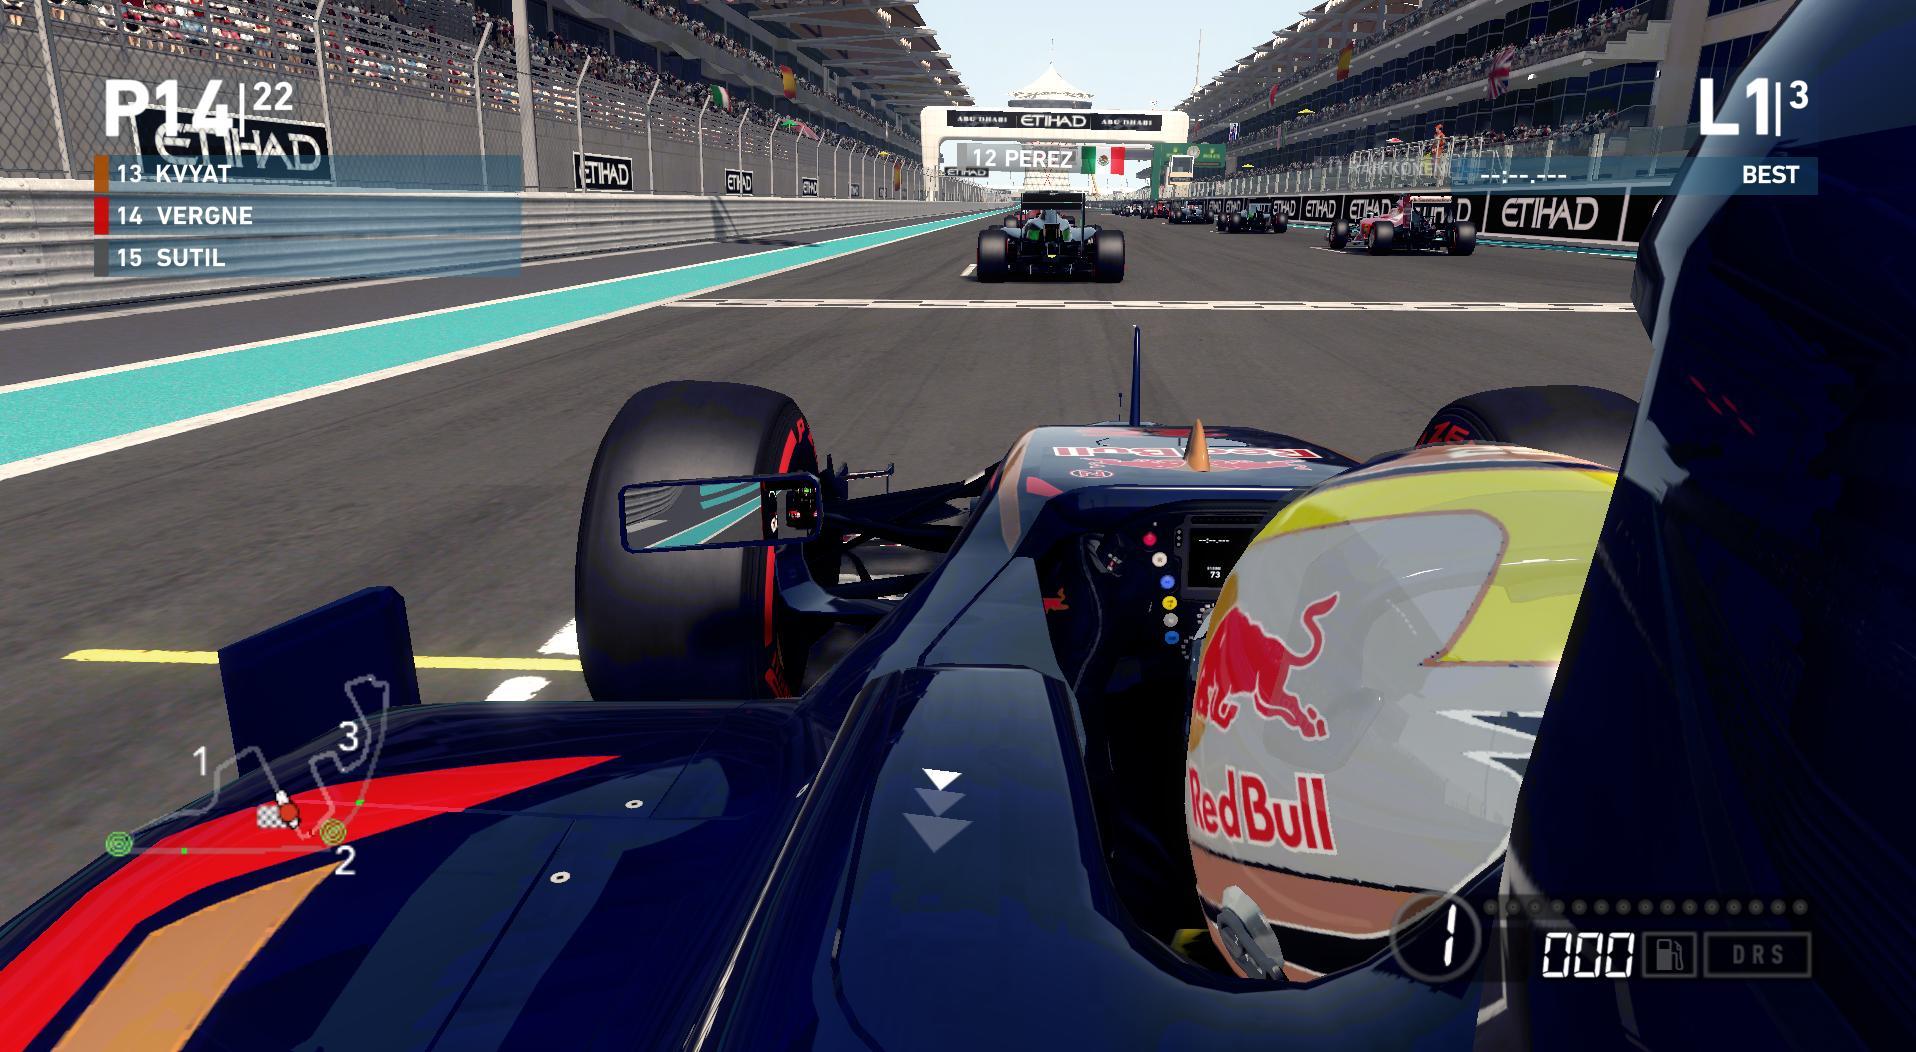 F1_2014 2014-12-11 17-35-41-58.jpg